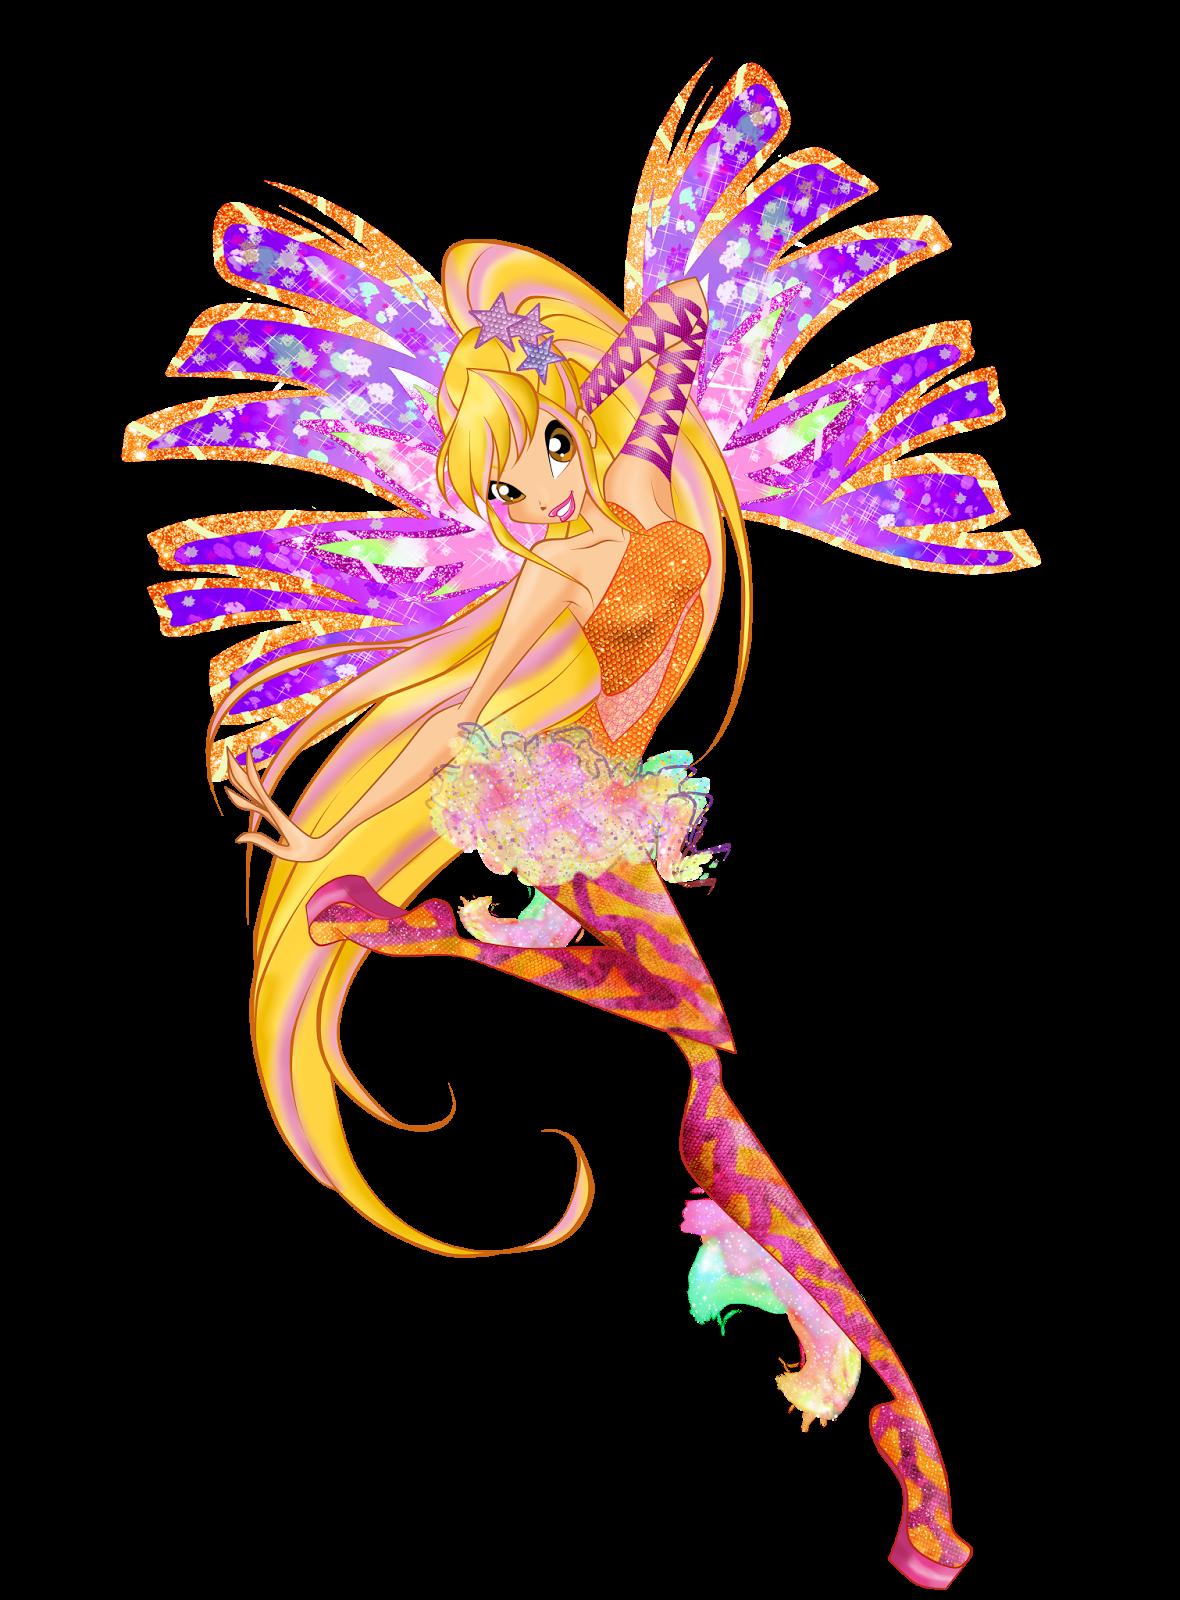 Winx club fairies stella sirenix - Winx club sirenix ...